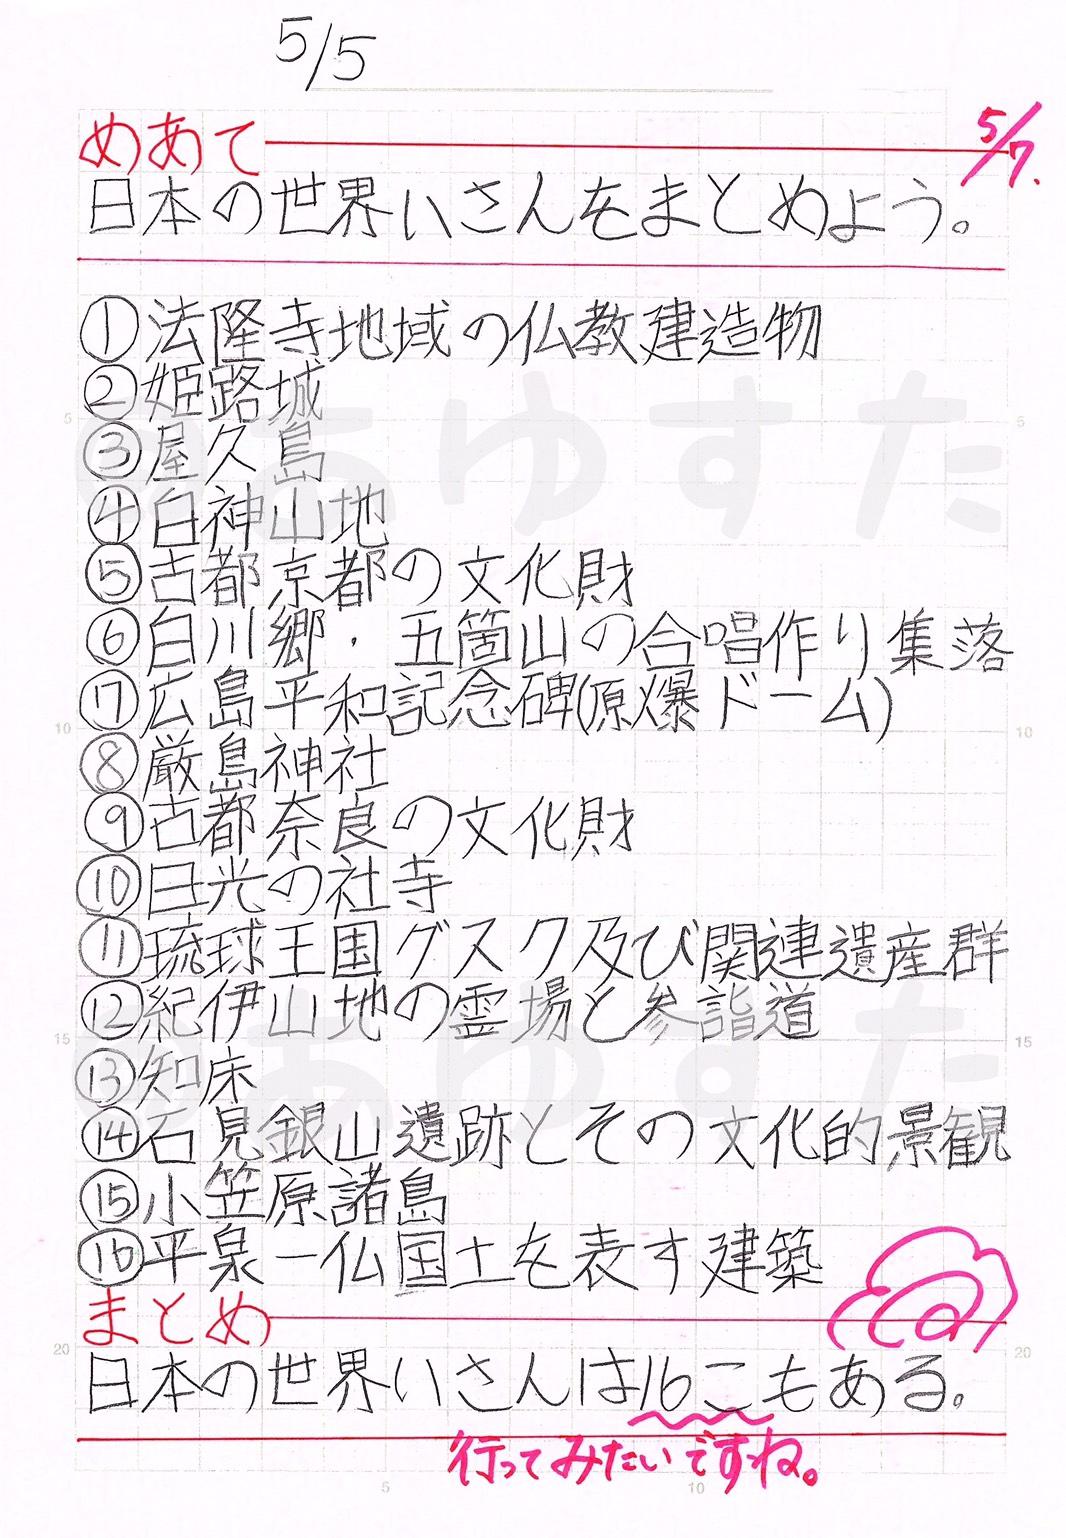 日本の世界遺産の自主学習ノート